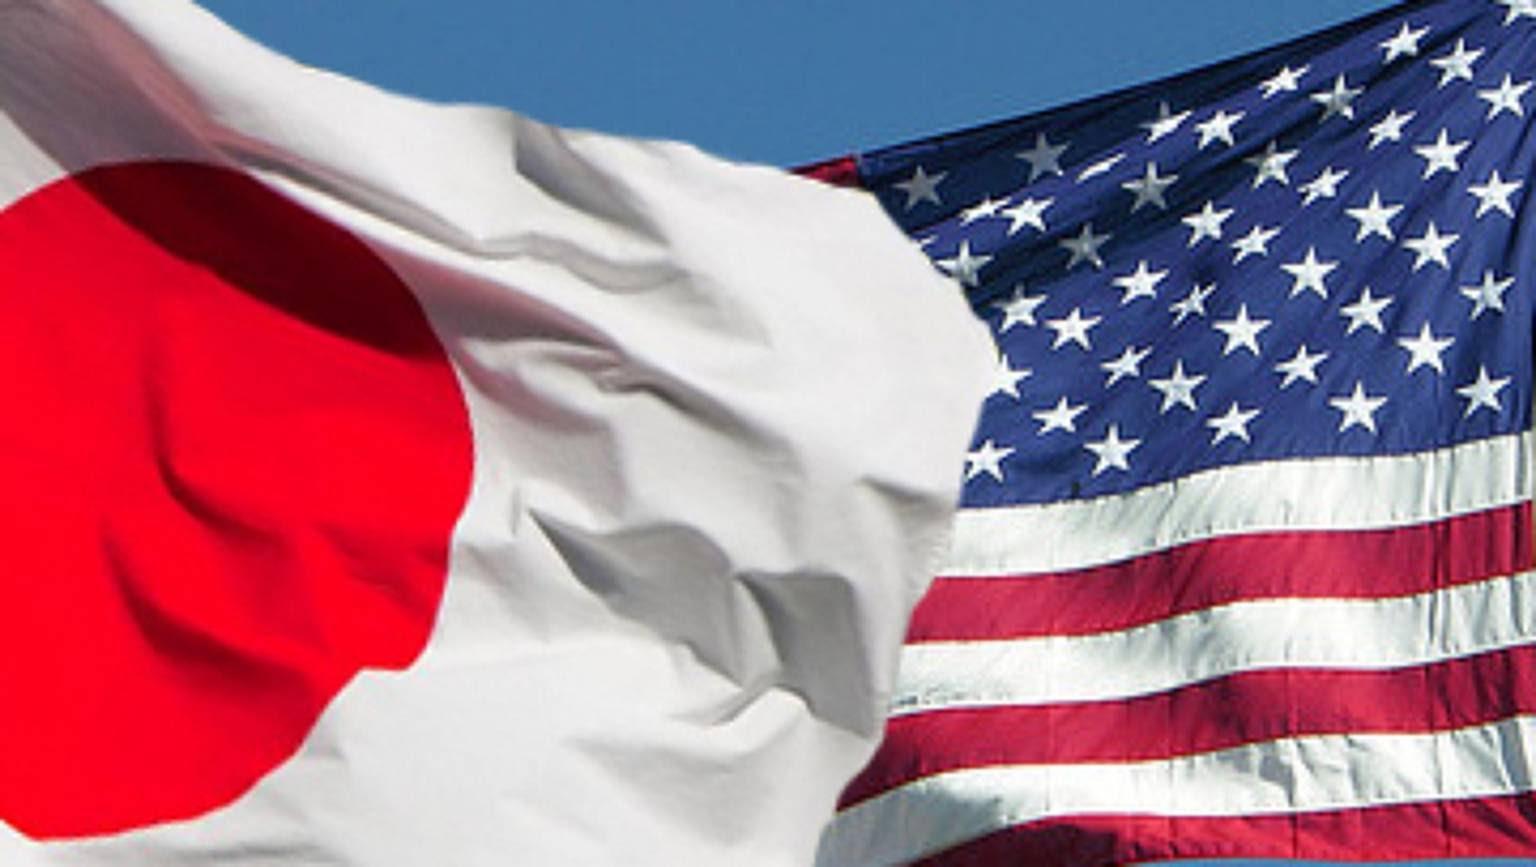 США и Япония договорились начать переговоры о торговом соглашении , США, Япония, соглашение, экономика